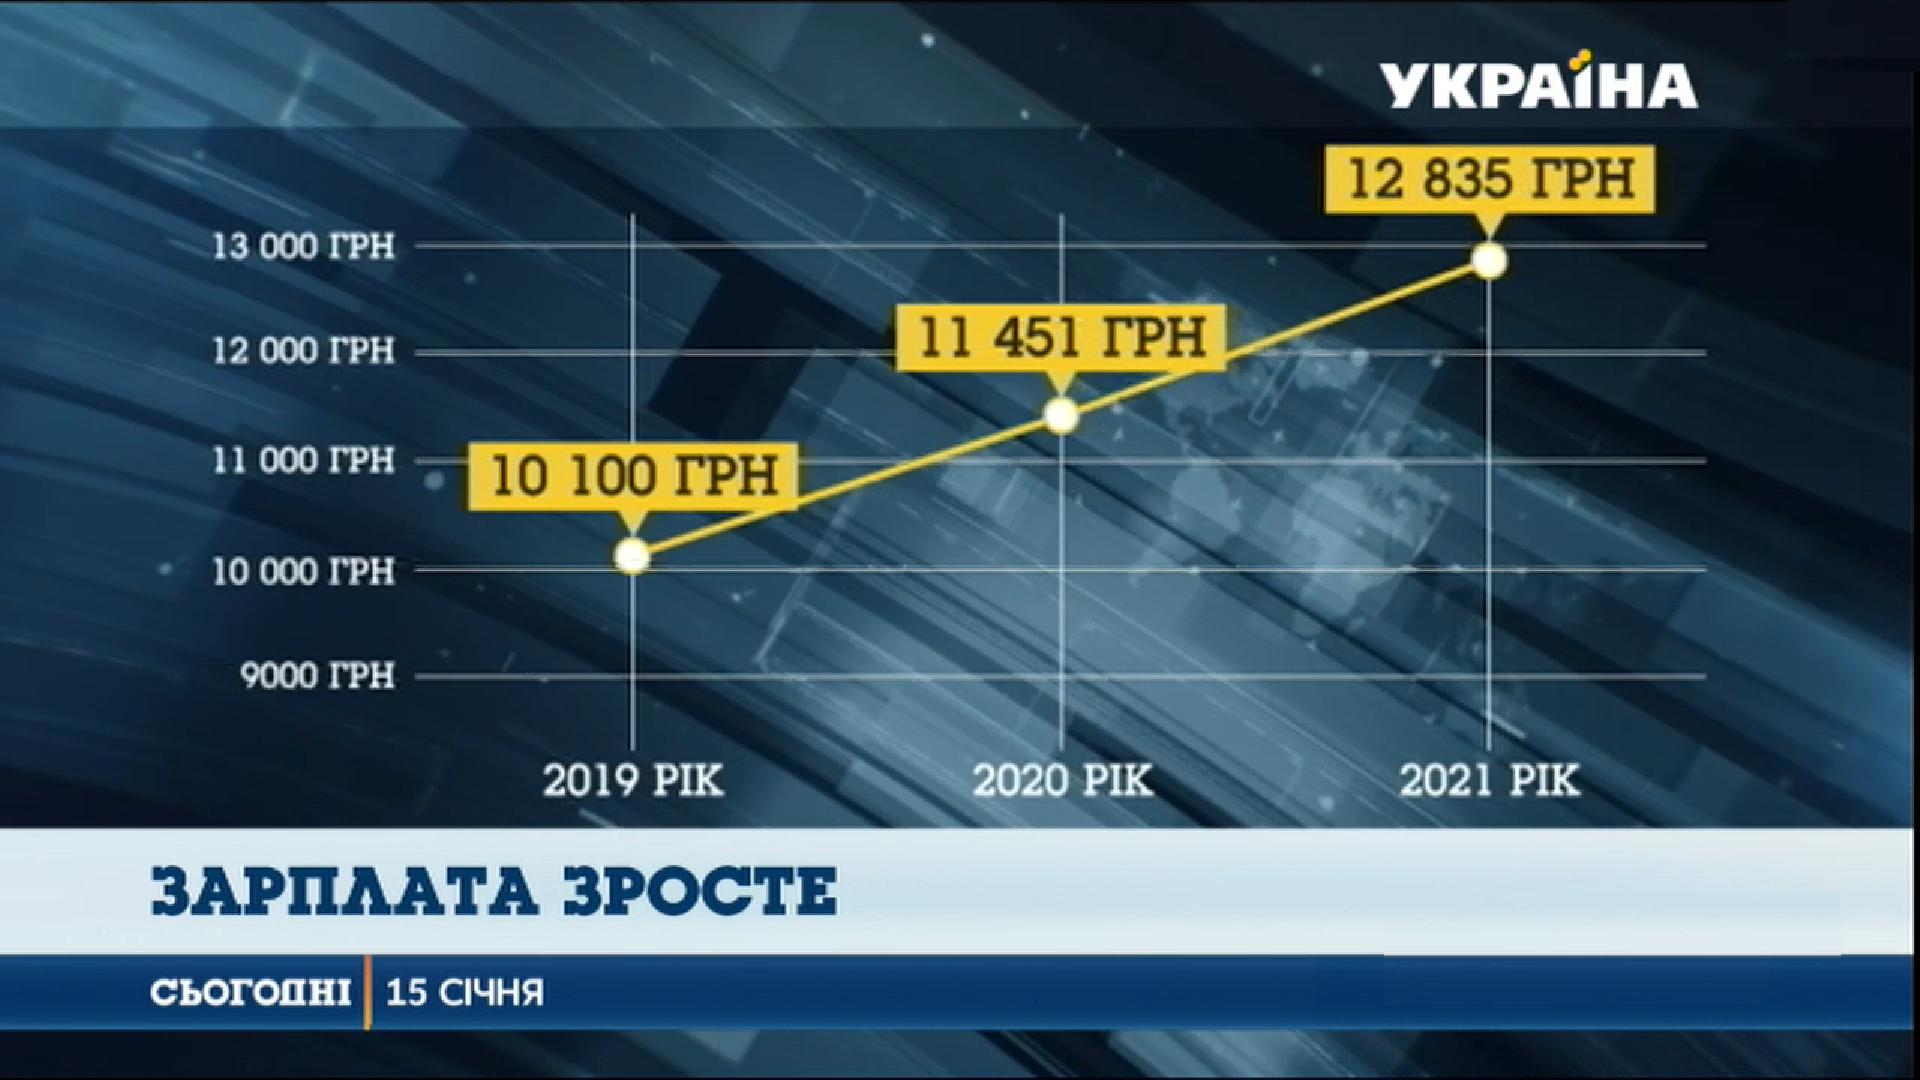 К 2021 году средняя зарплата в Украине должна достичь 12 835 грн